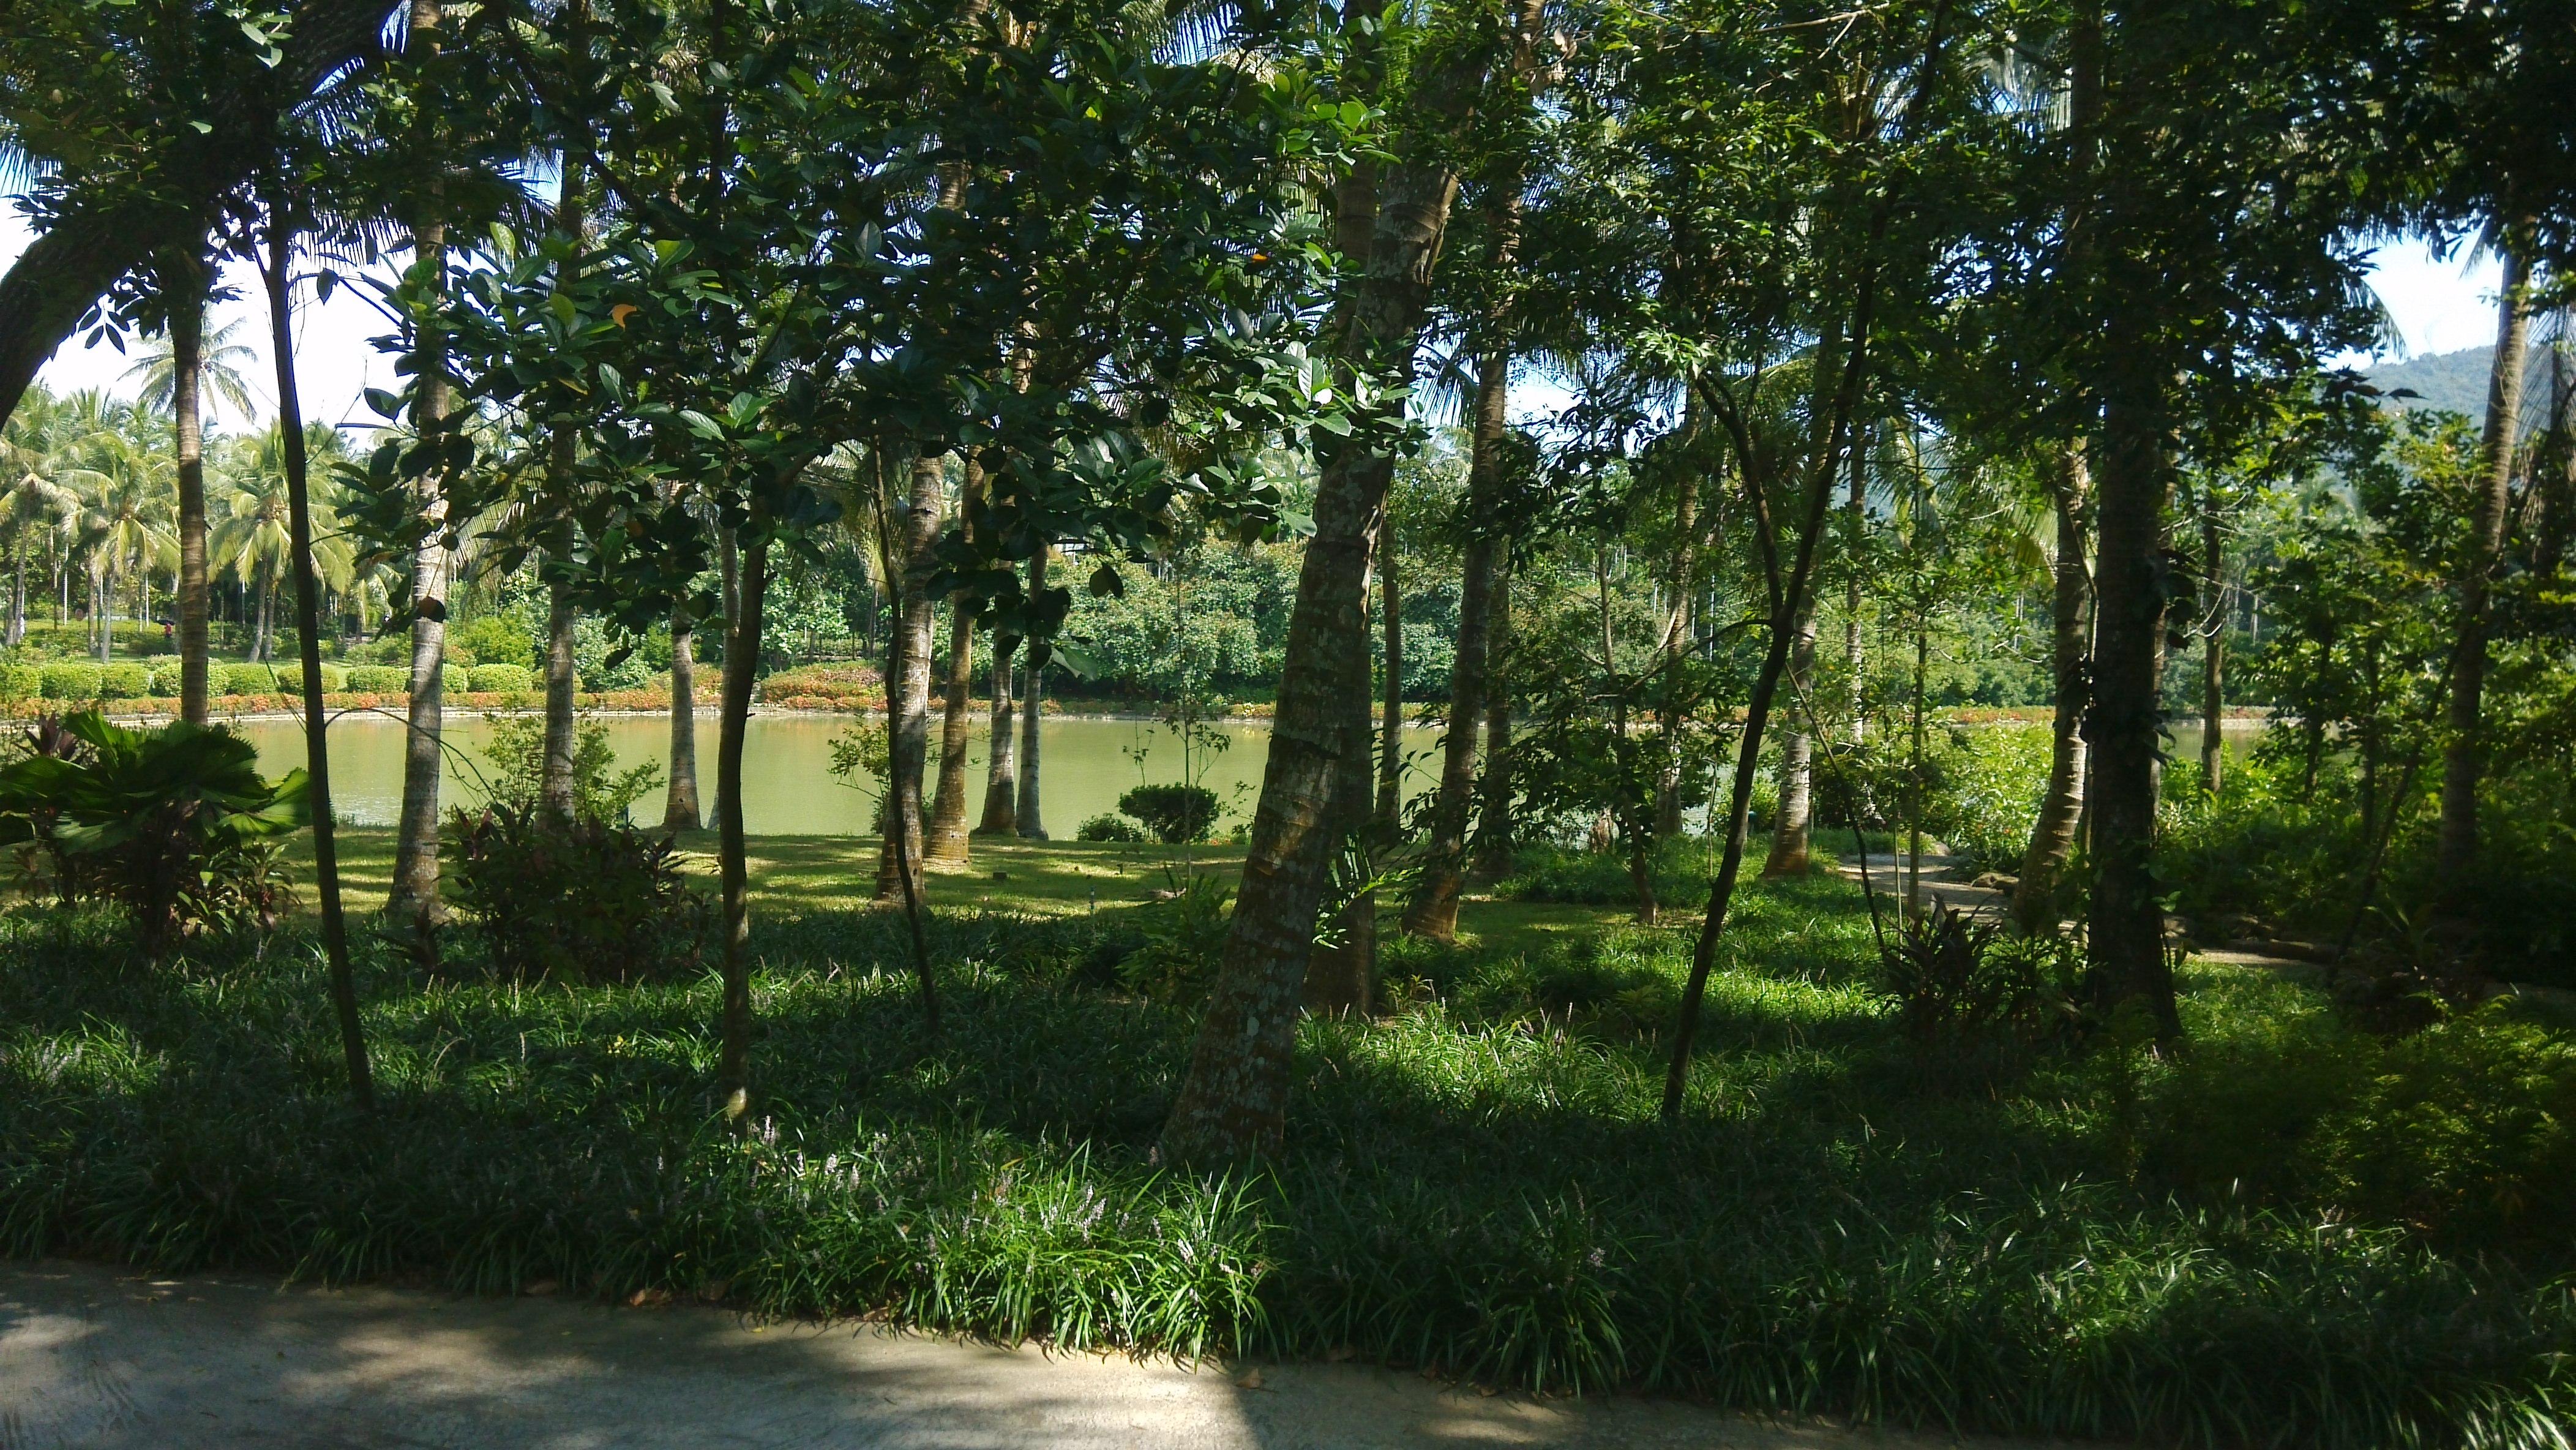 【携程攻略】海南兴隆热带植物园景点,植物园很大,,最